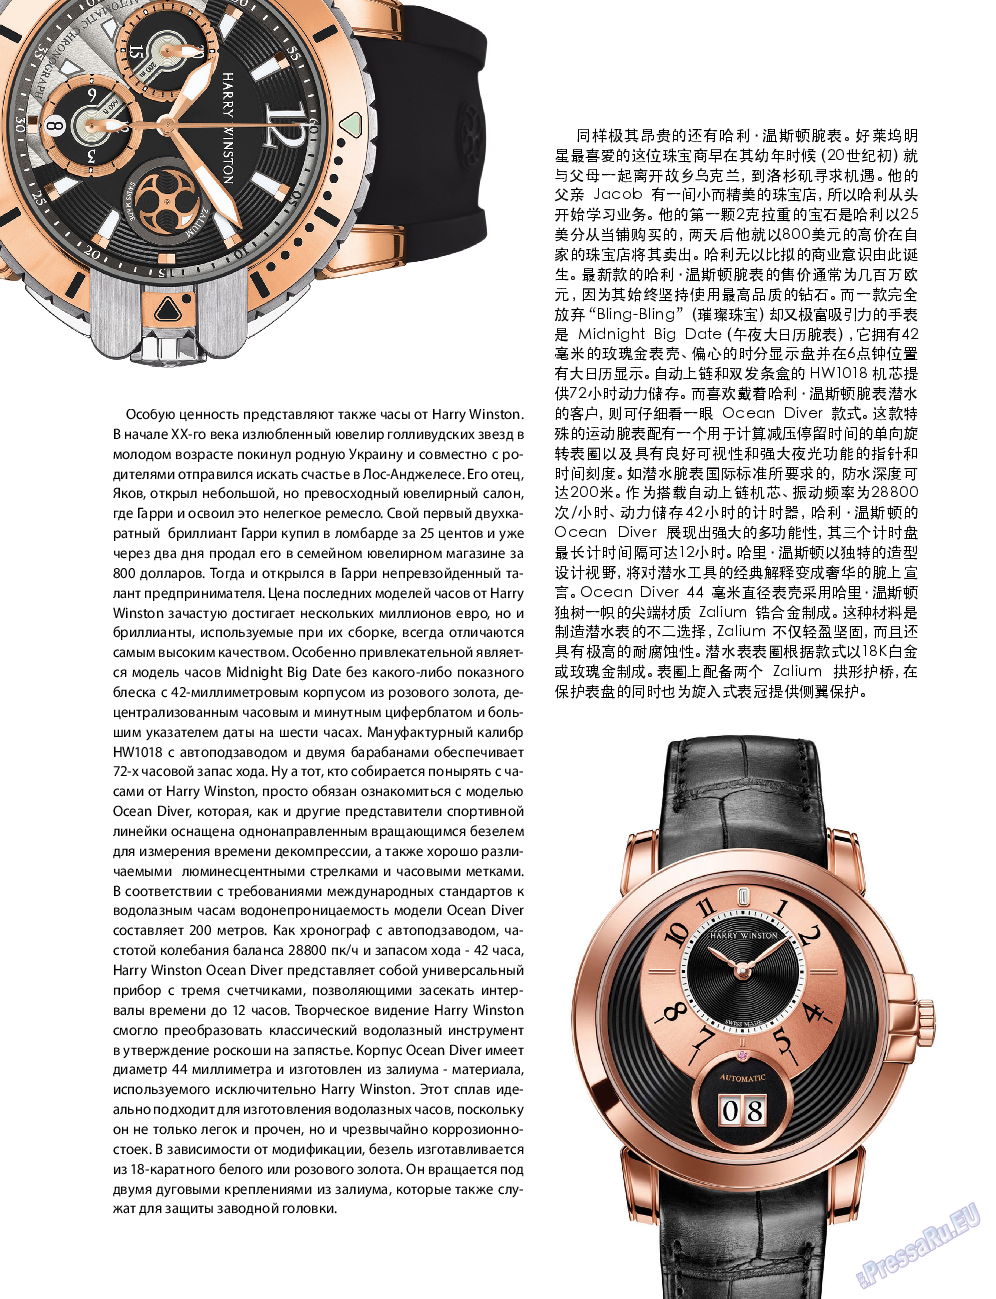 Клан (журнал). 2013 год, номер 5, стр. 95